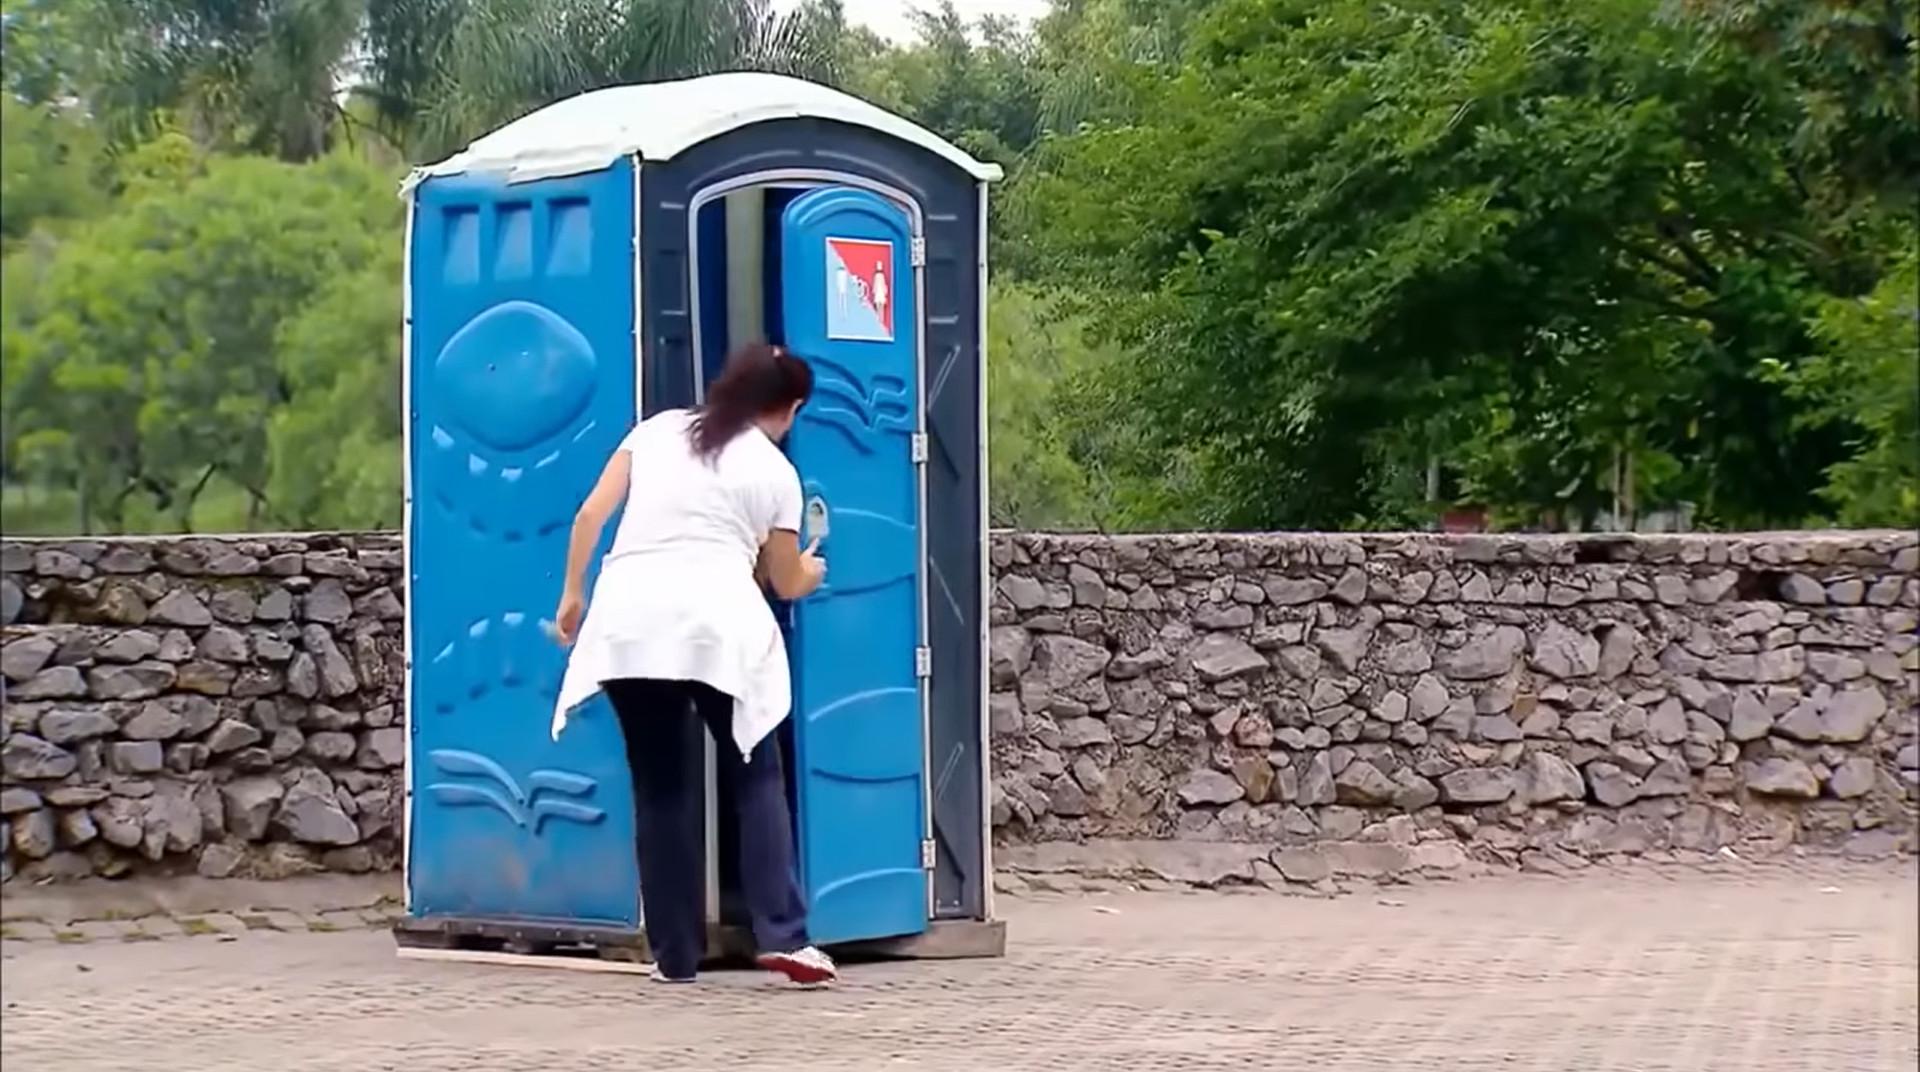 ▲▼ 上完廁所出來驚見星際大戰 。(圖/翻攝自YouTube/KYL0ЯЁП)